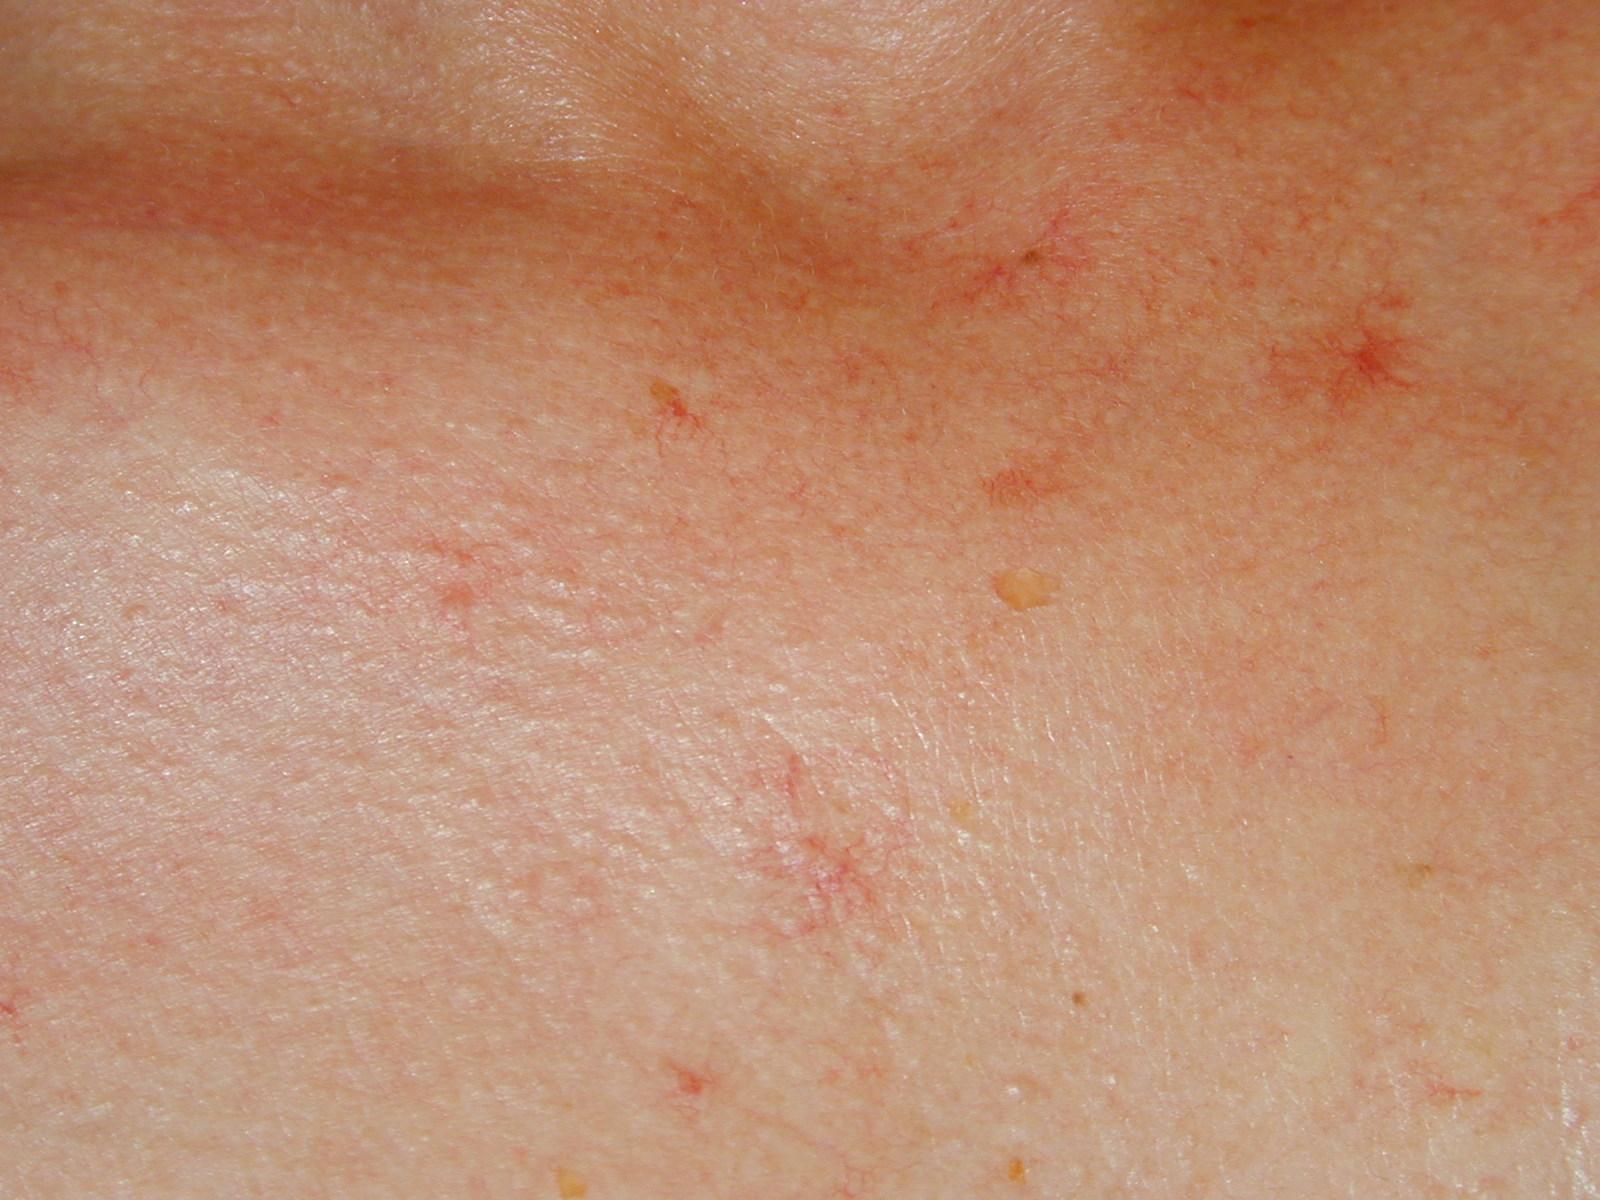 Sos cicatrices acn marques rouges - Tache de resine sur vetement ...